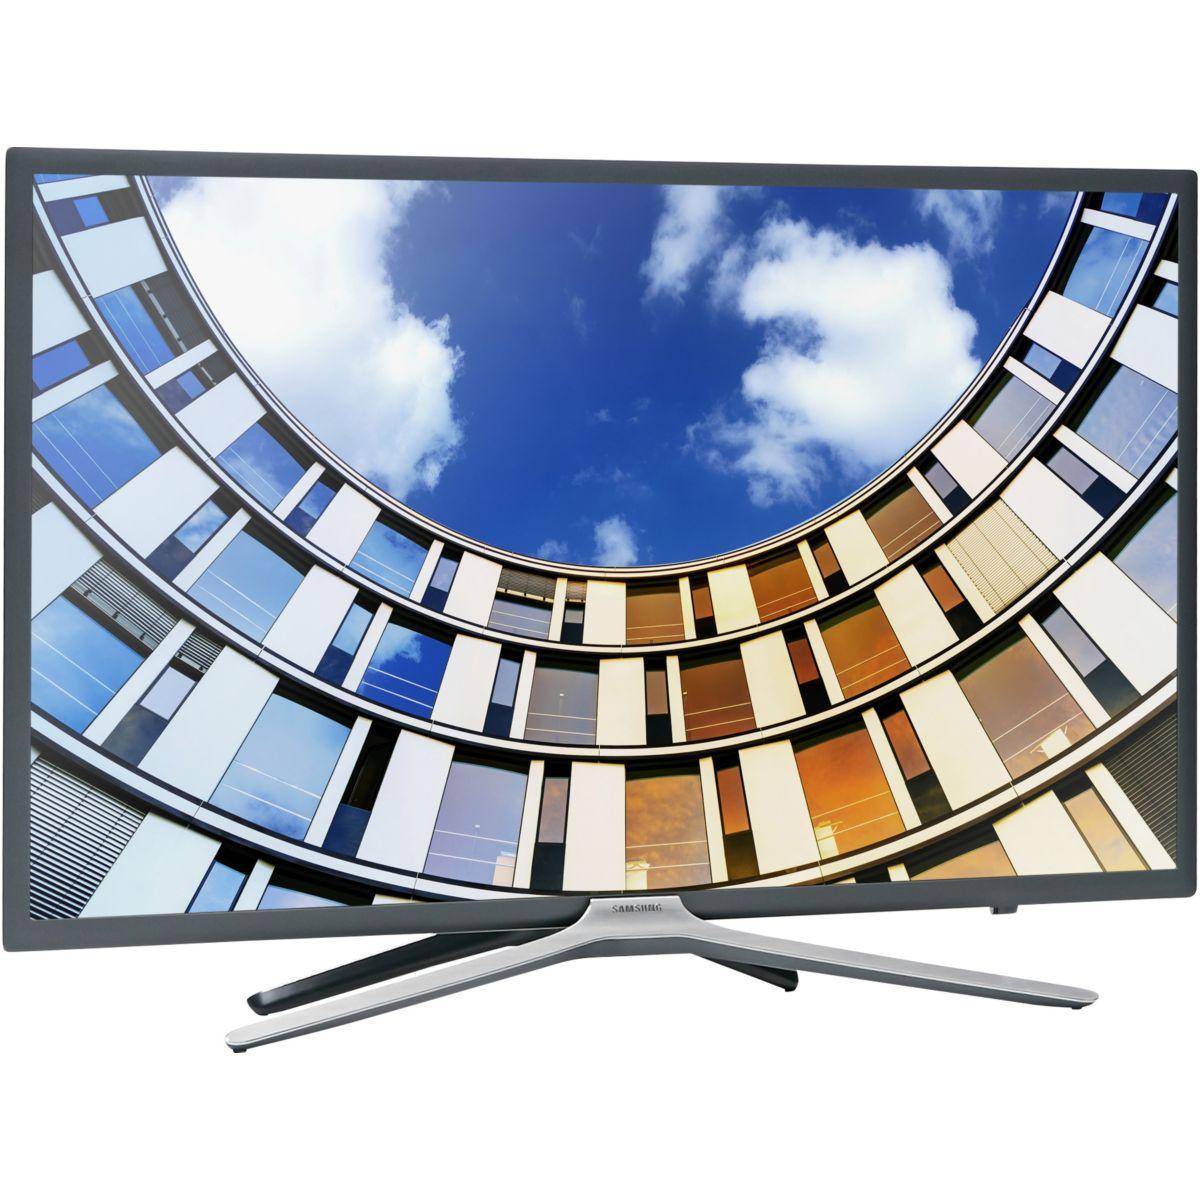 Tv led samsung ue32m5575 - livraison offerte : code premium